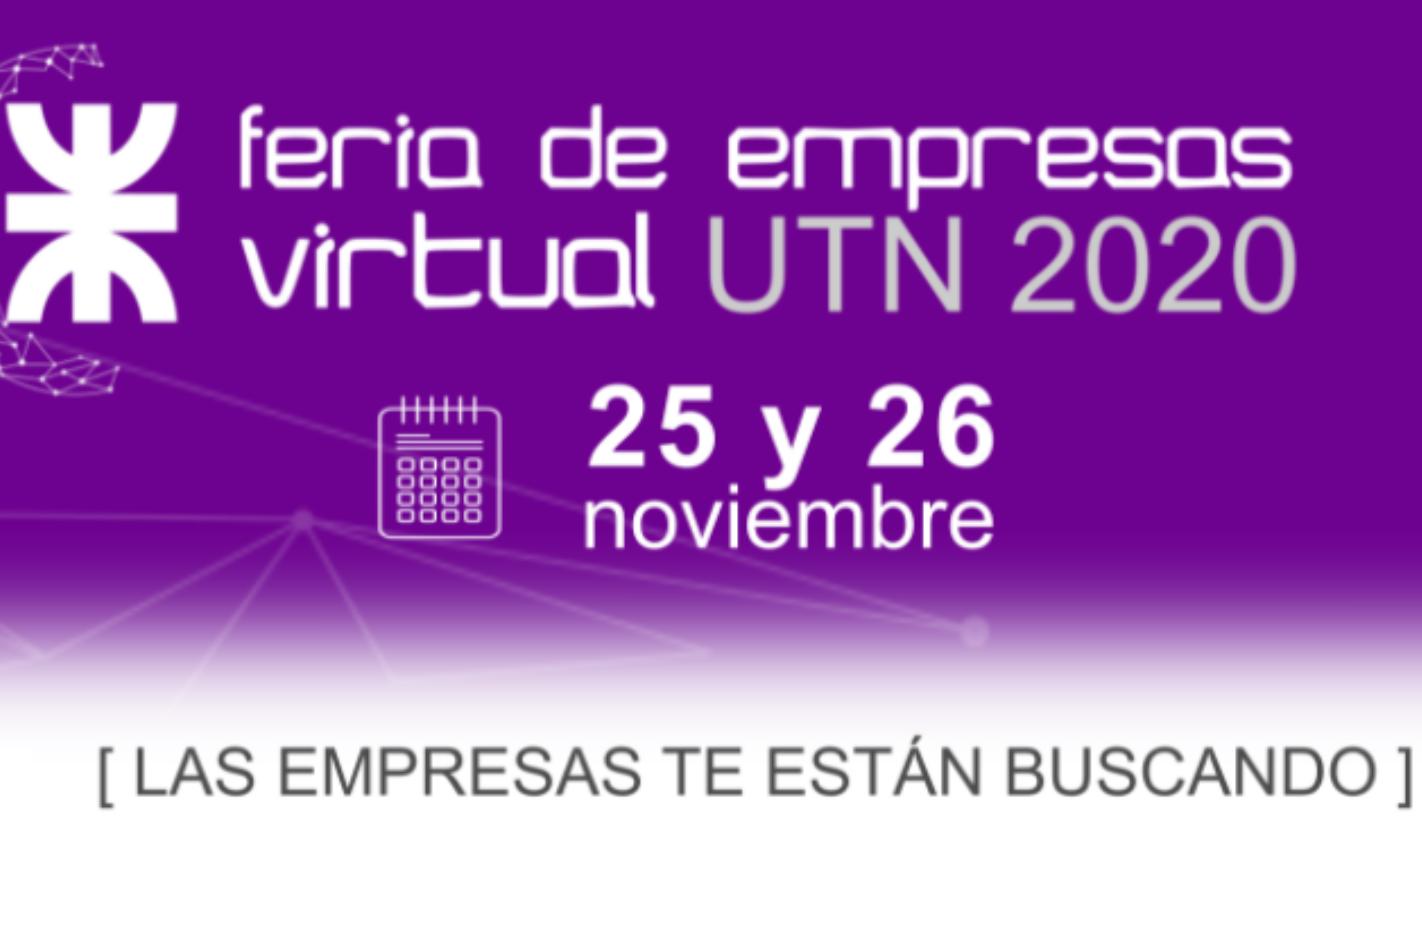 Feria de empresas virtual 2020: las empresas buscan talentos en la UTN